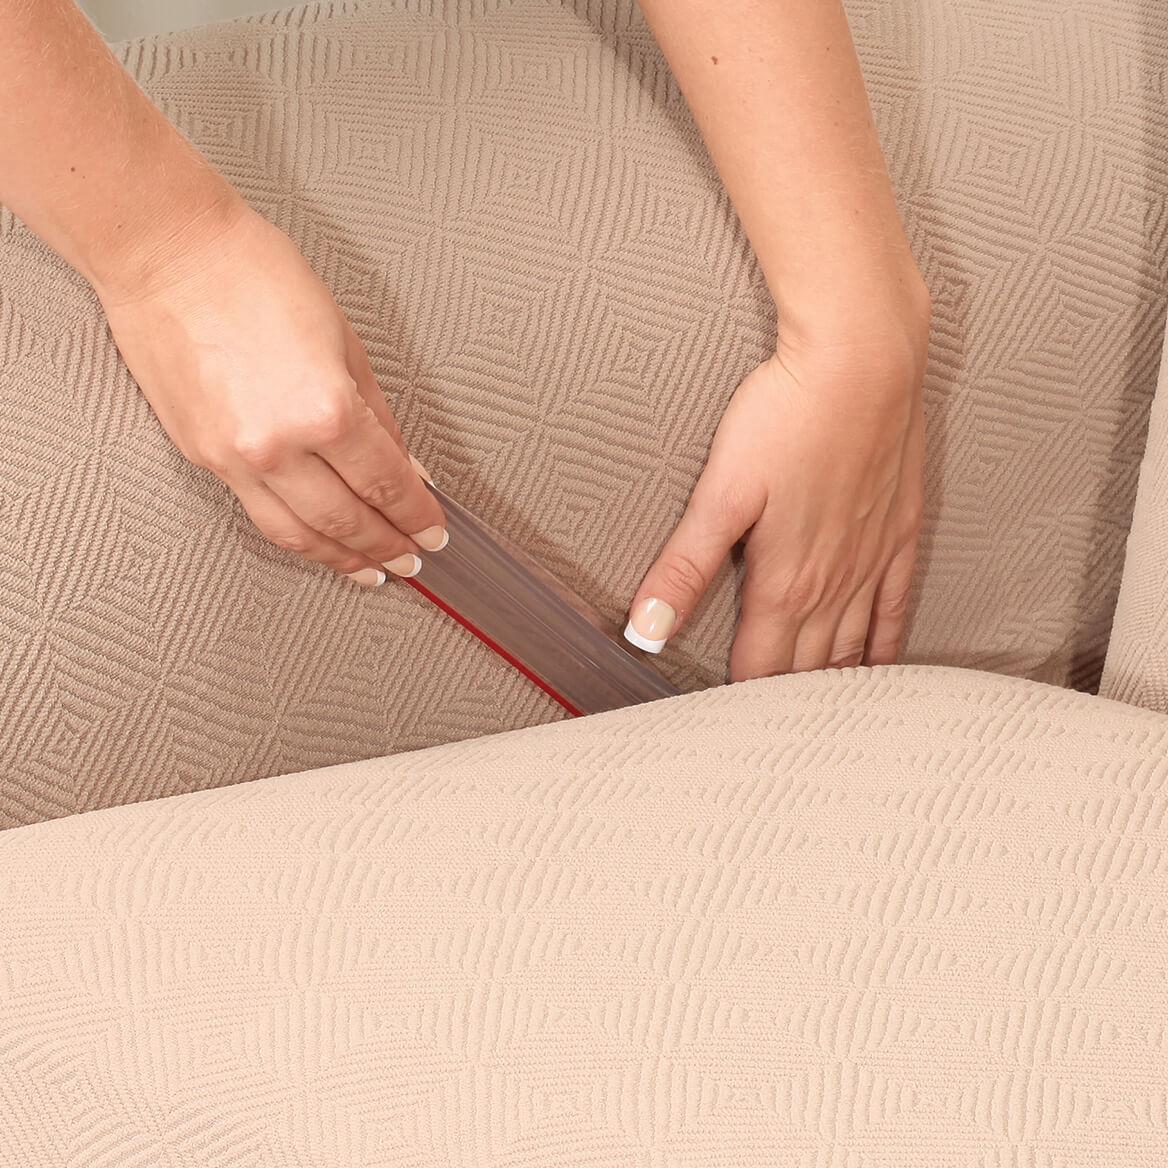 Slipcover Tuck Grips-354179